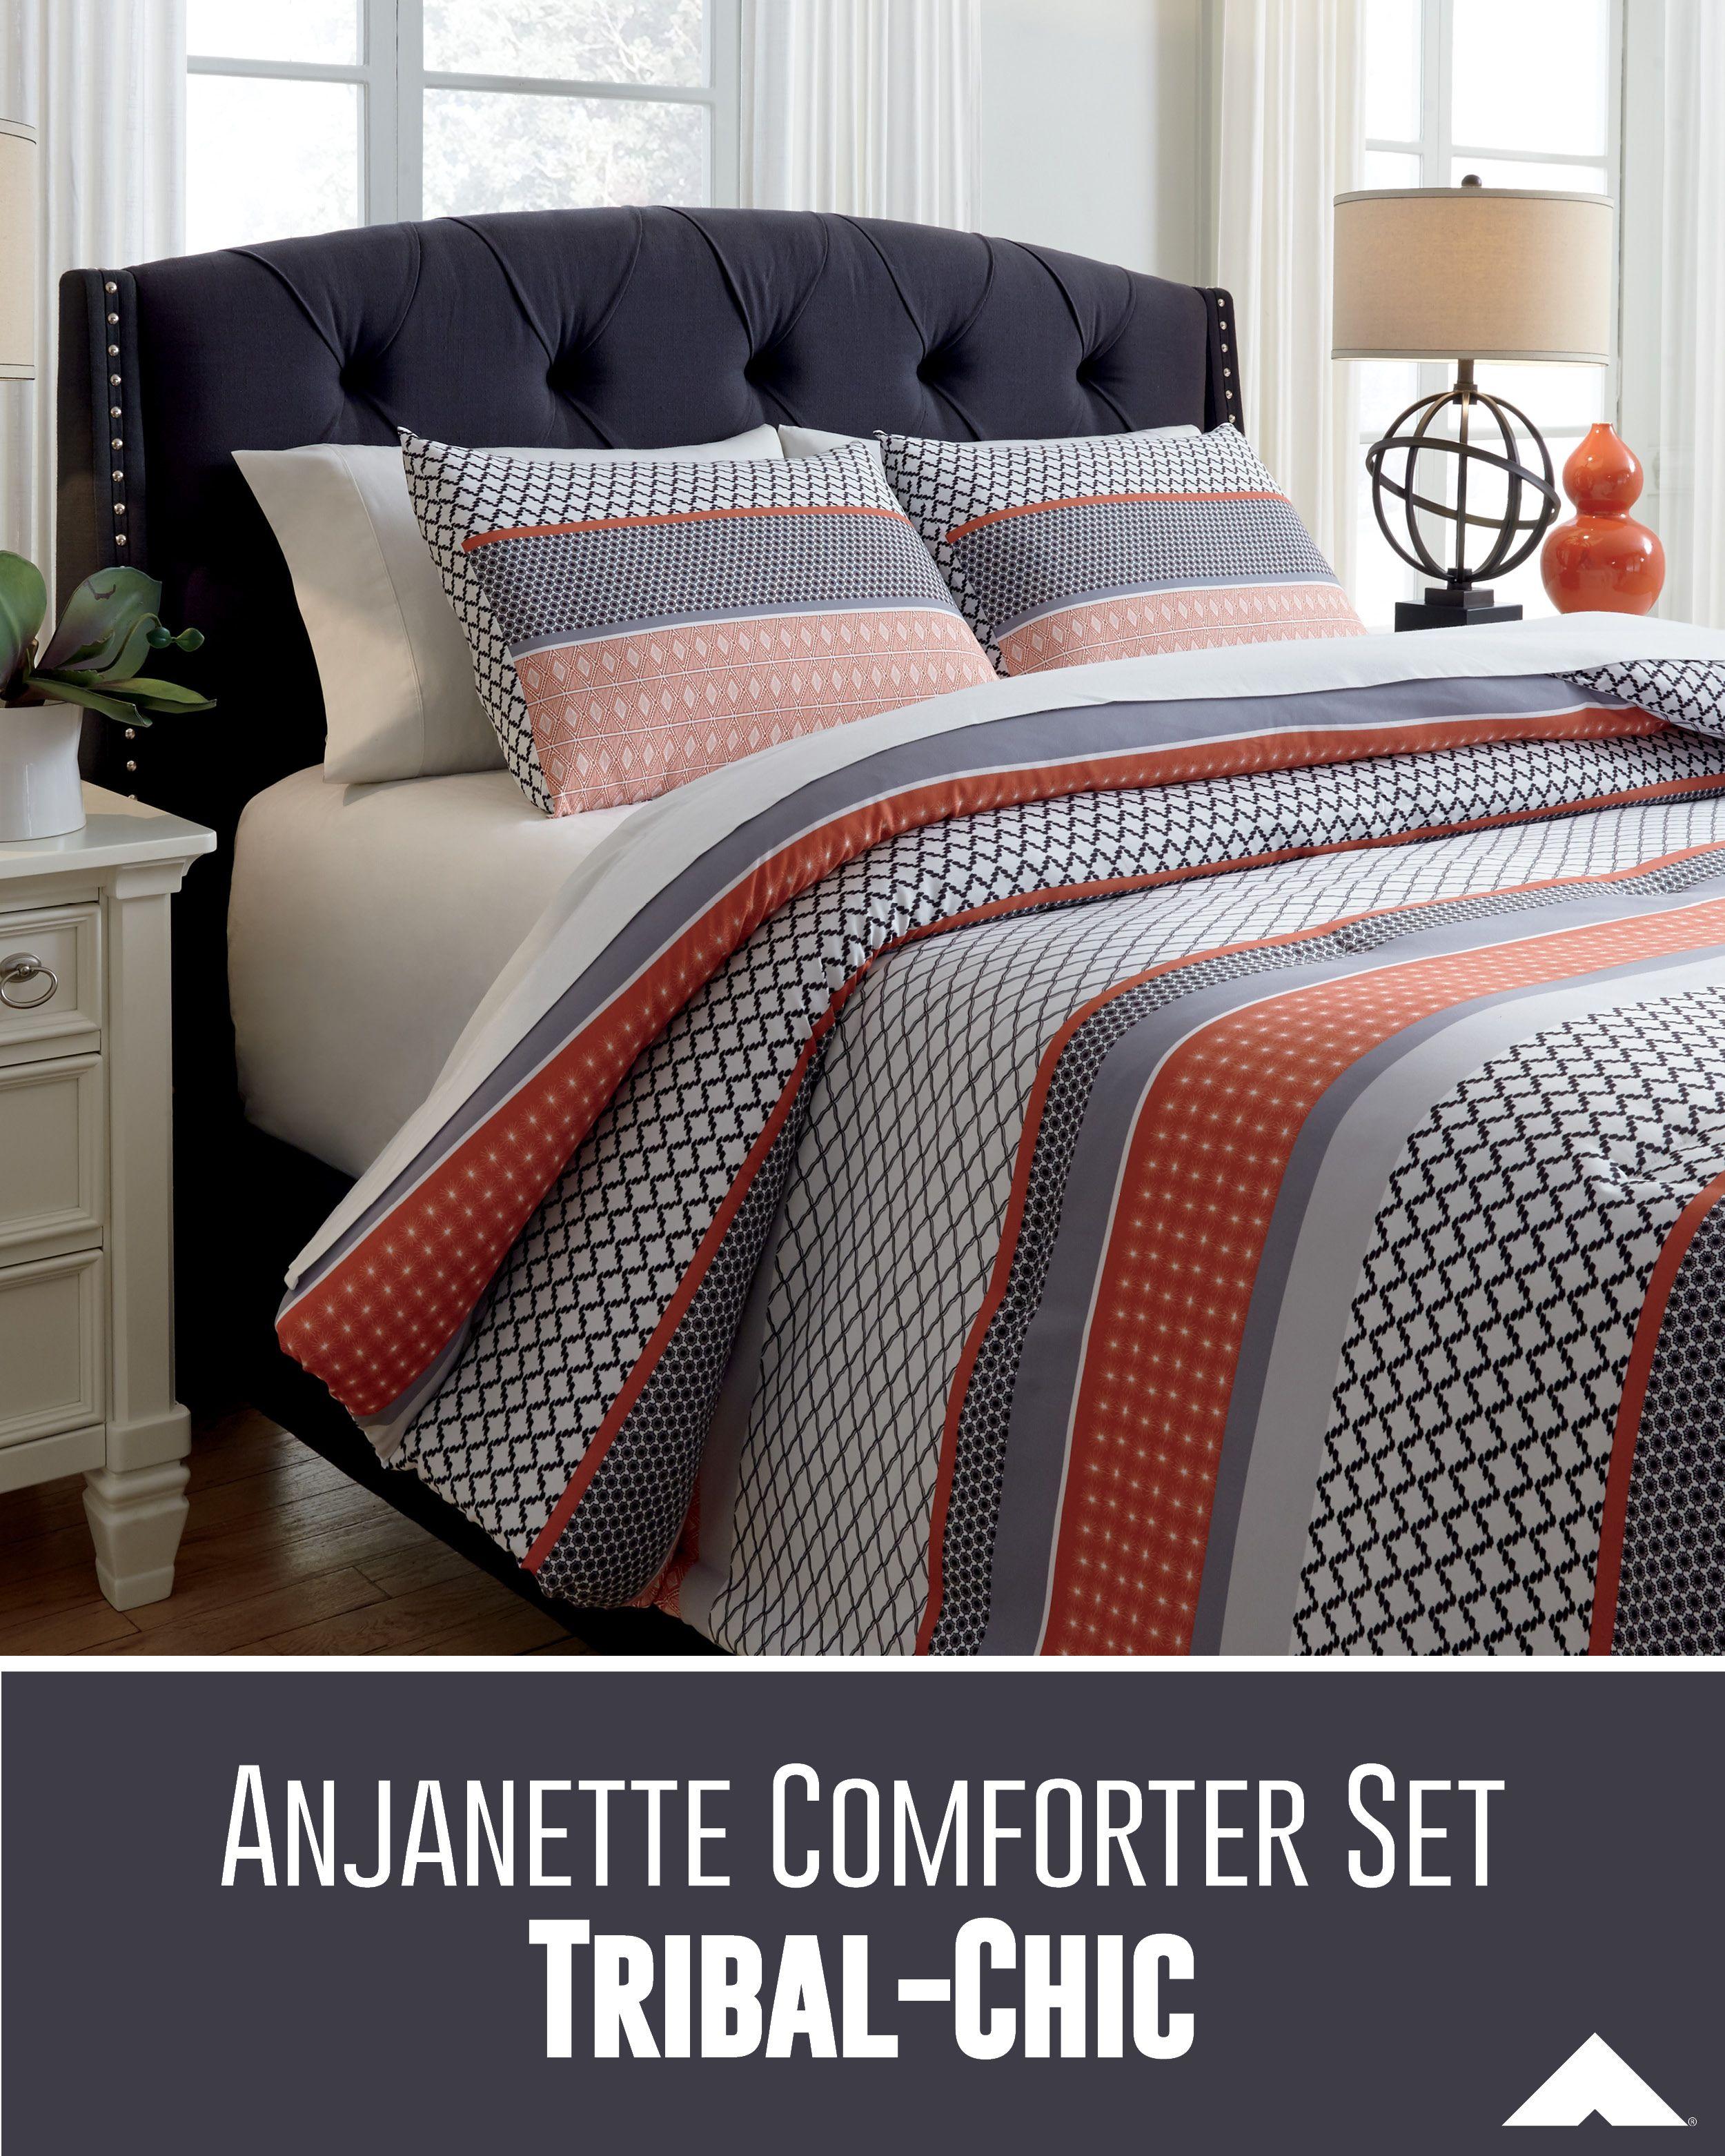 Anjanette Multi Color Comforter Set By Ashley Furniture Ashleyfurniture Homedecor Bedroom Bedroomdecor Fou Comforter Sets Colorful Comforter Comforters